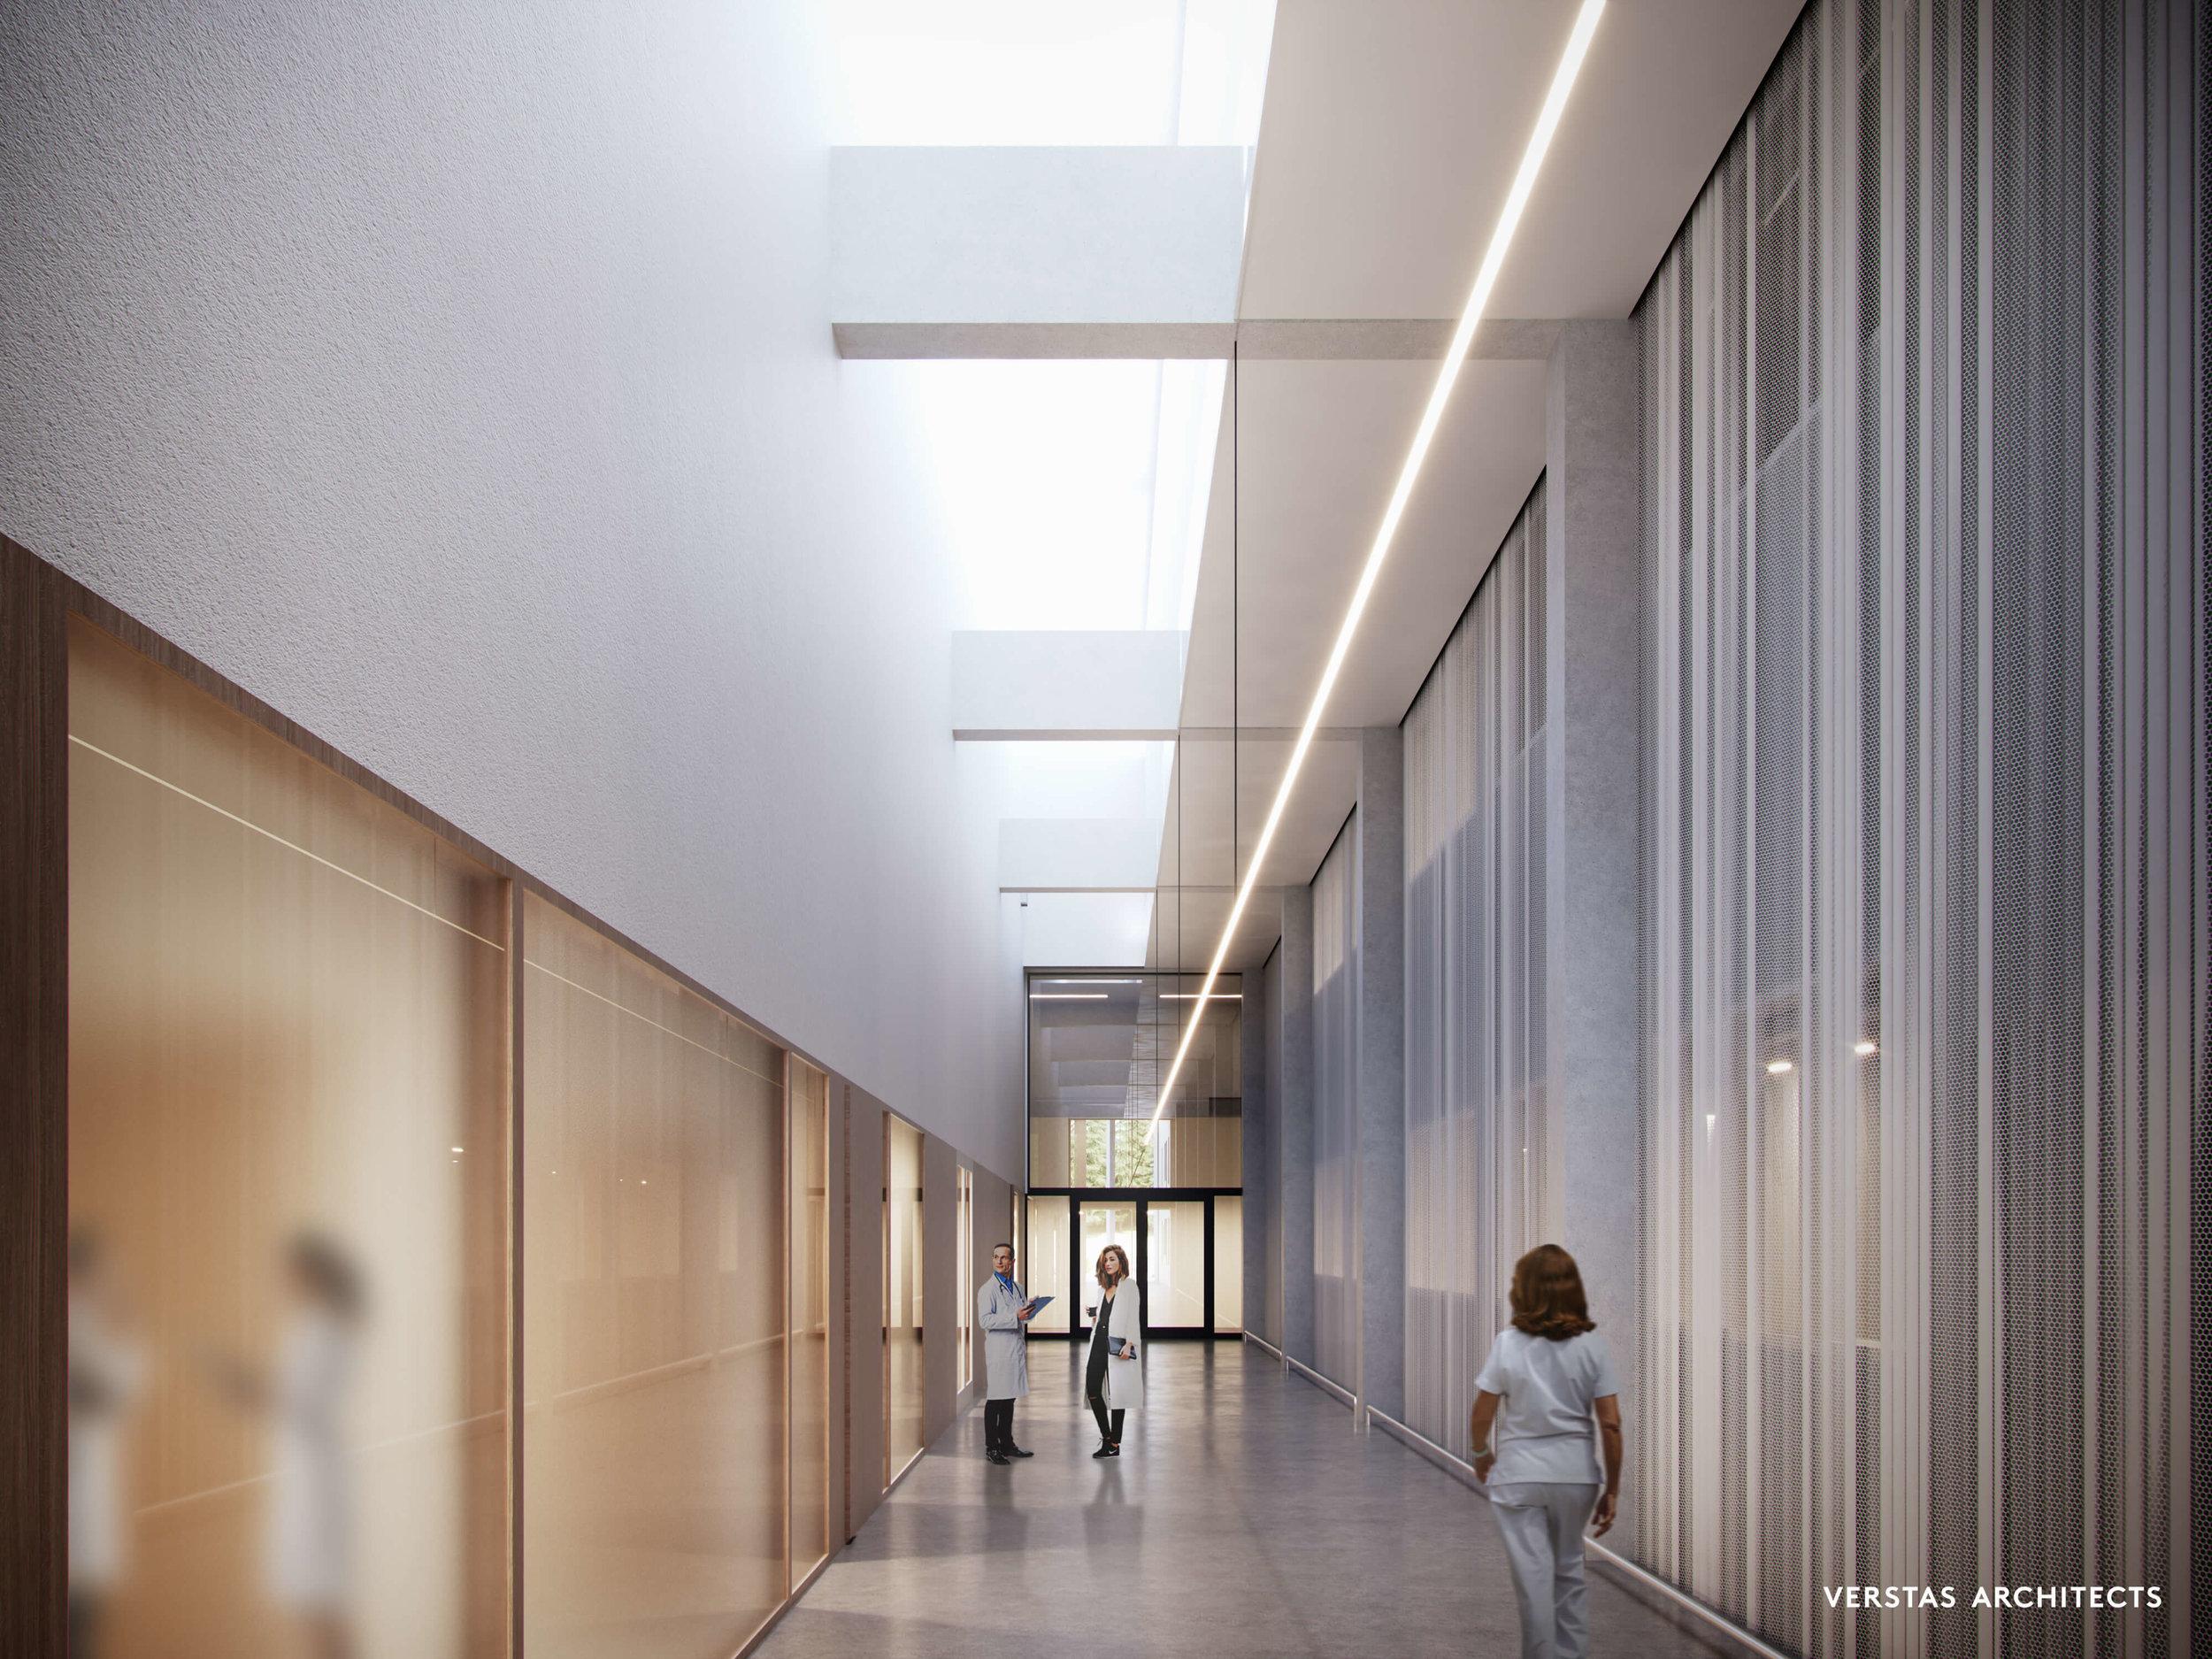 ITU-havainnekuvat - 8 kpl © Verstas Architects (lähde mainittava)